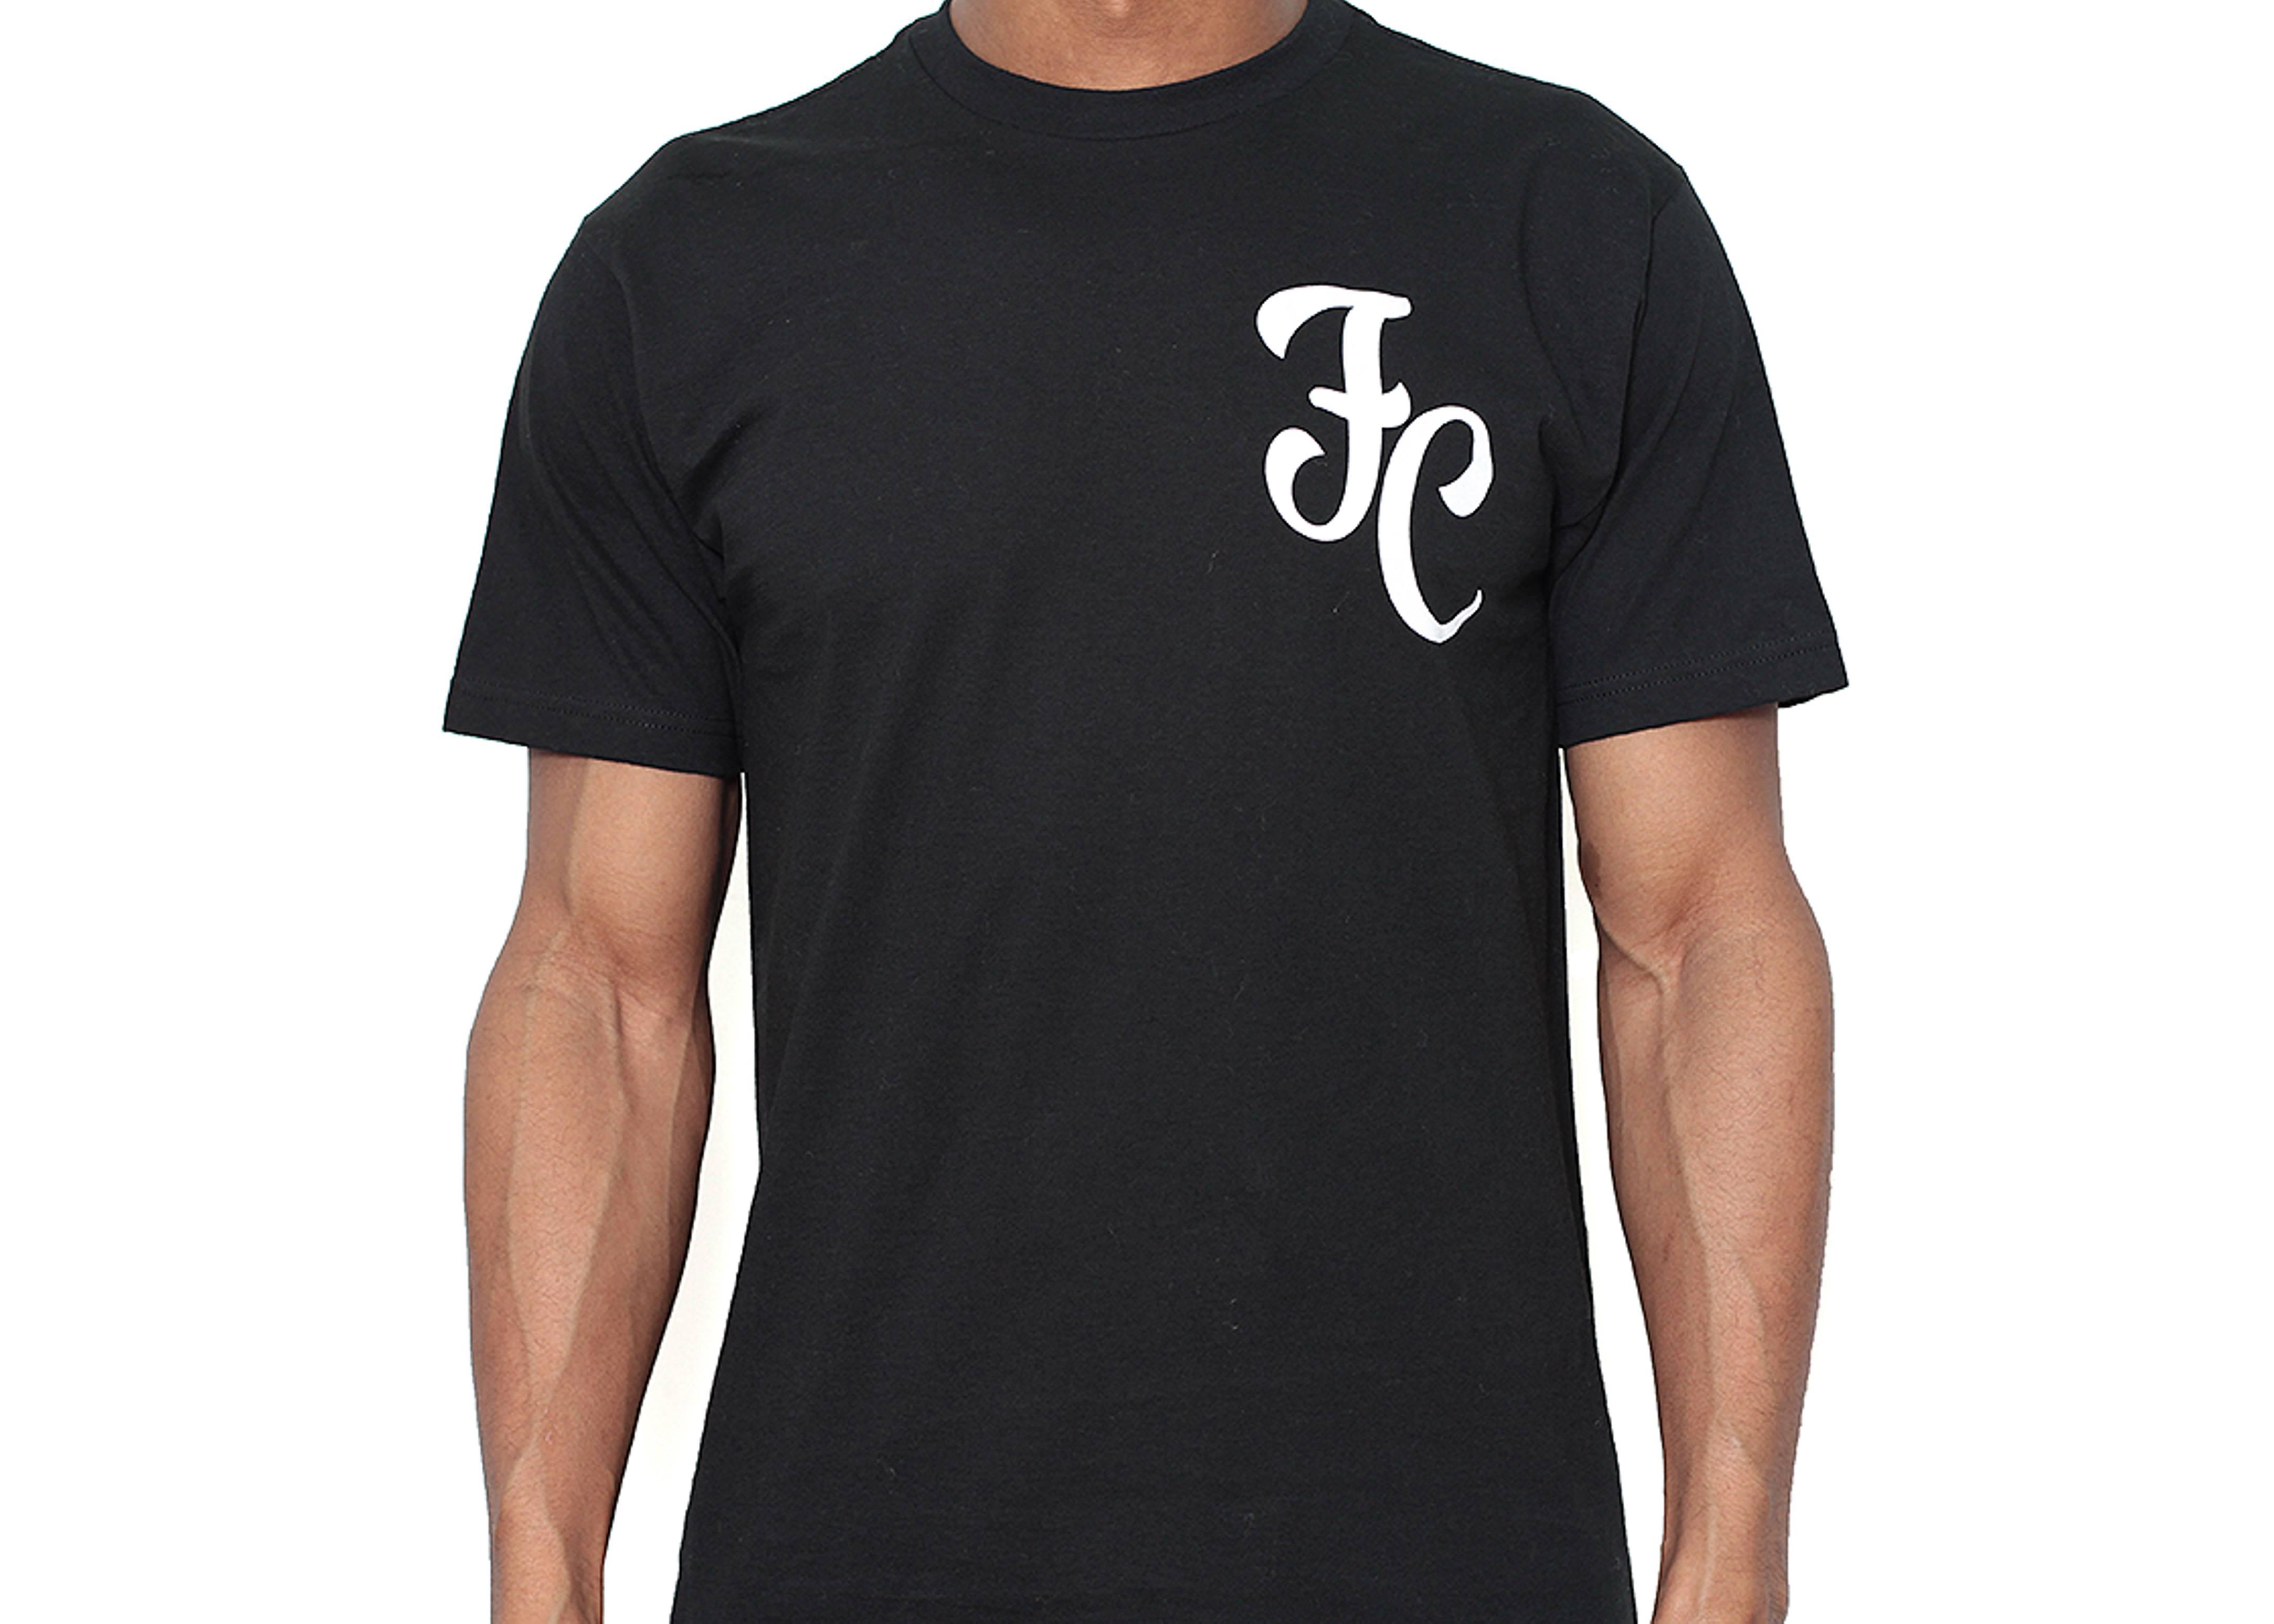 car club t-shirt